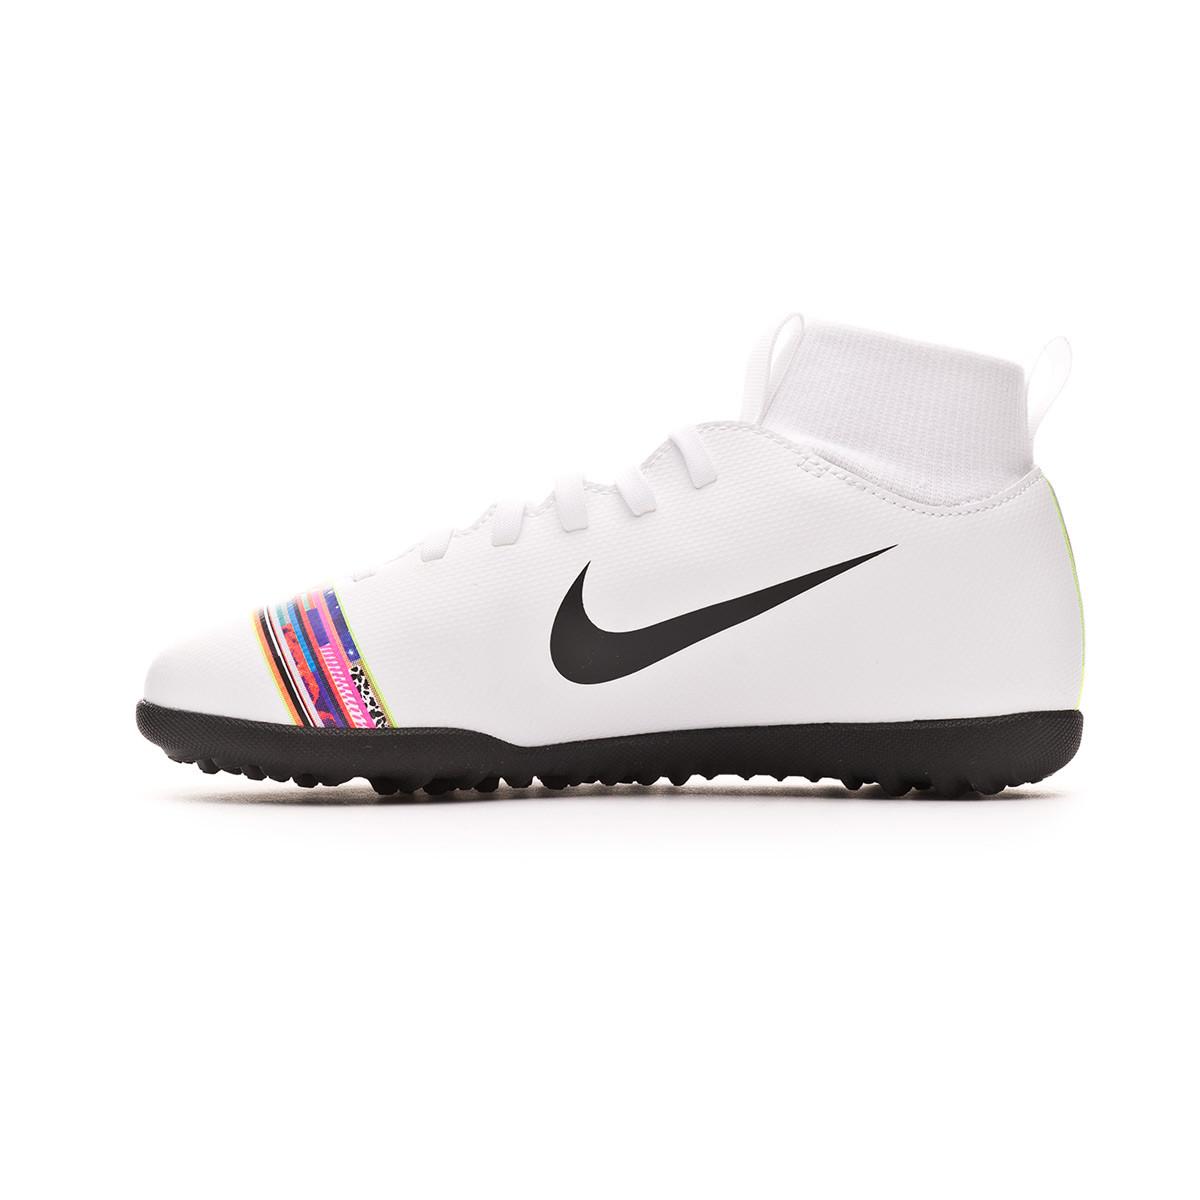 que buen look nuevo diseño buscar Zapatilla Nike Mercurial SuperflyX VI Club LVL UP Turf Niño